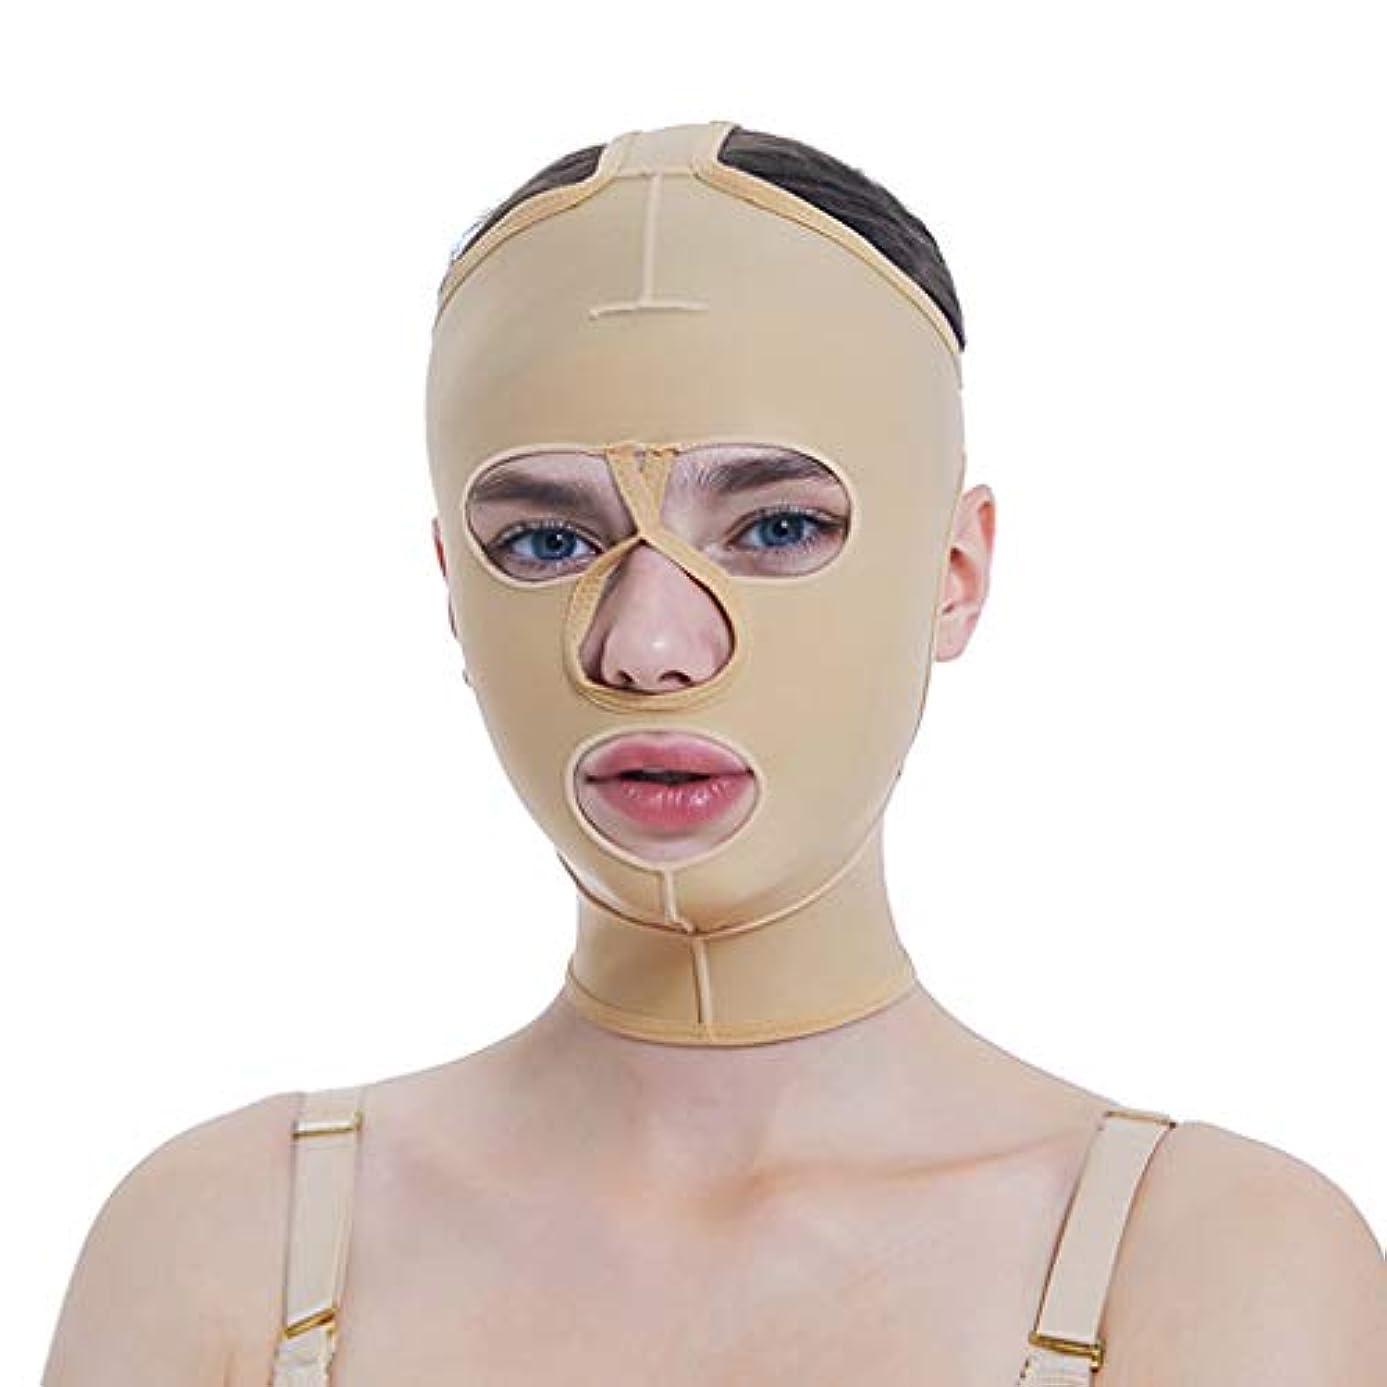 老朽化したノーブル失業者脂肪吸引成形マスク、薄手かつらVフェイスビームフェイス弾性スリーブマルチサイズオプション (Size : S)